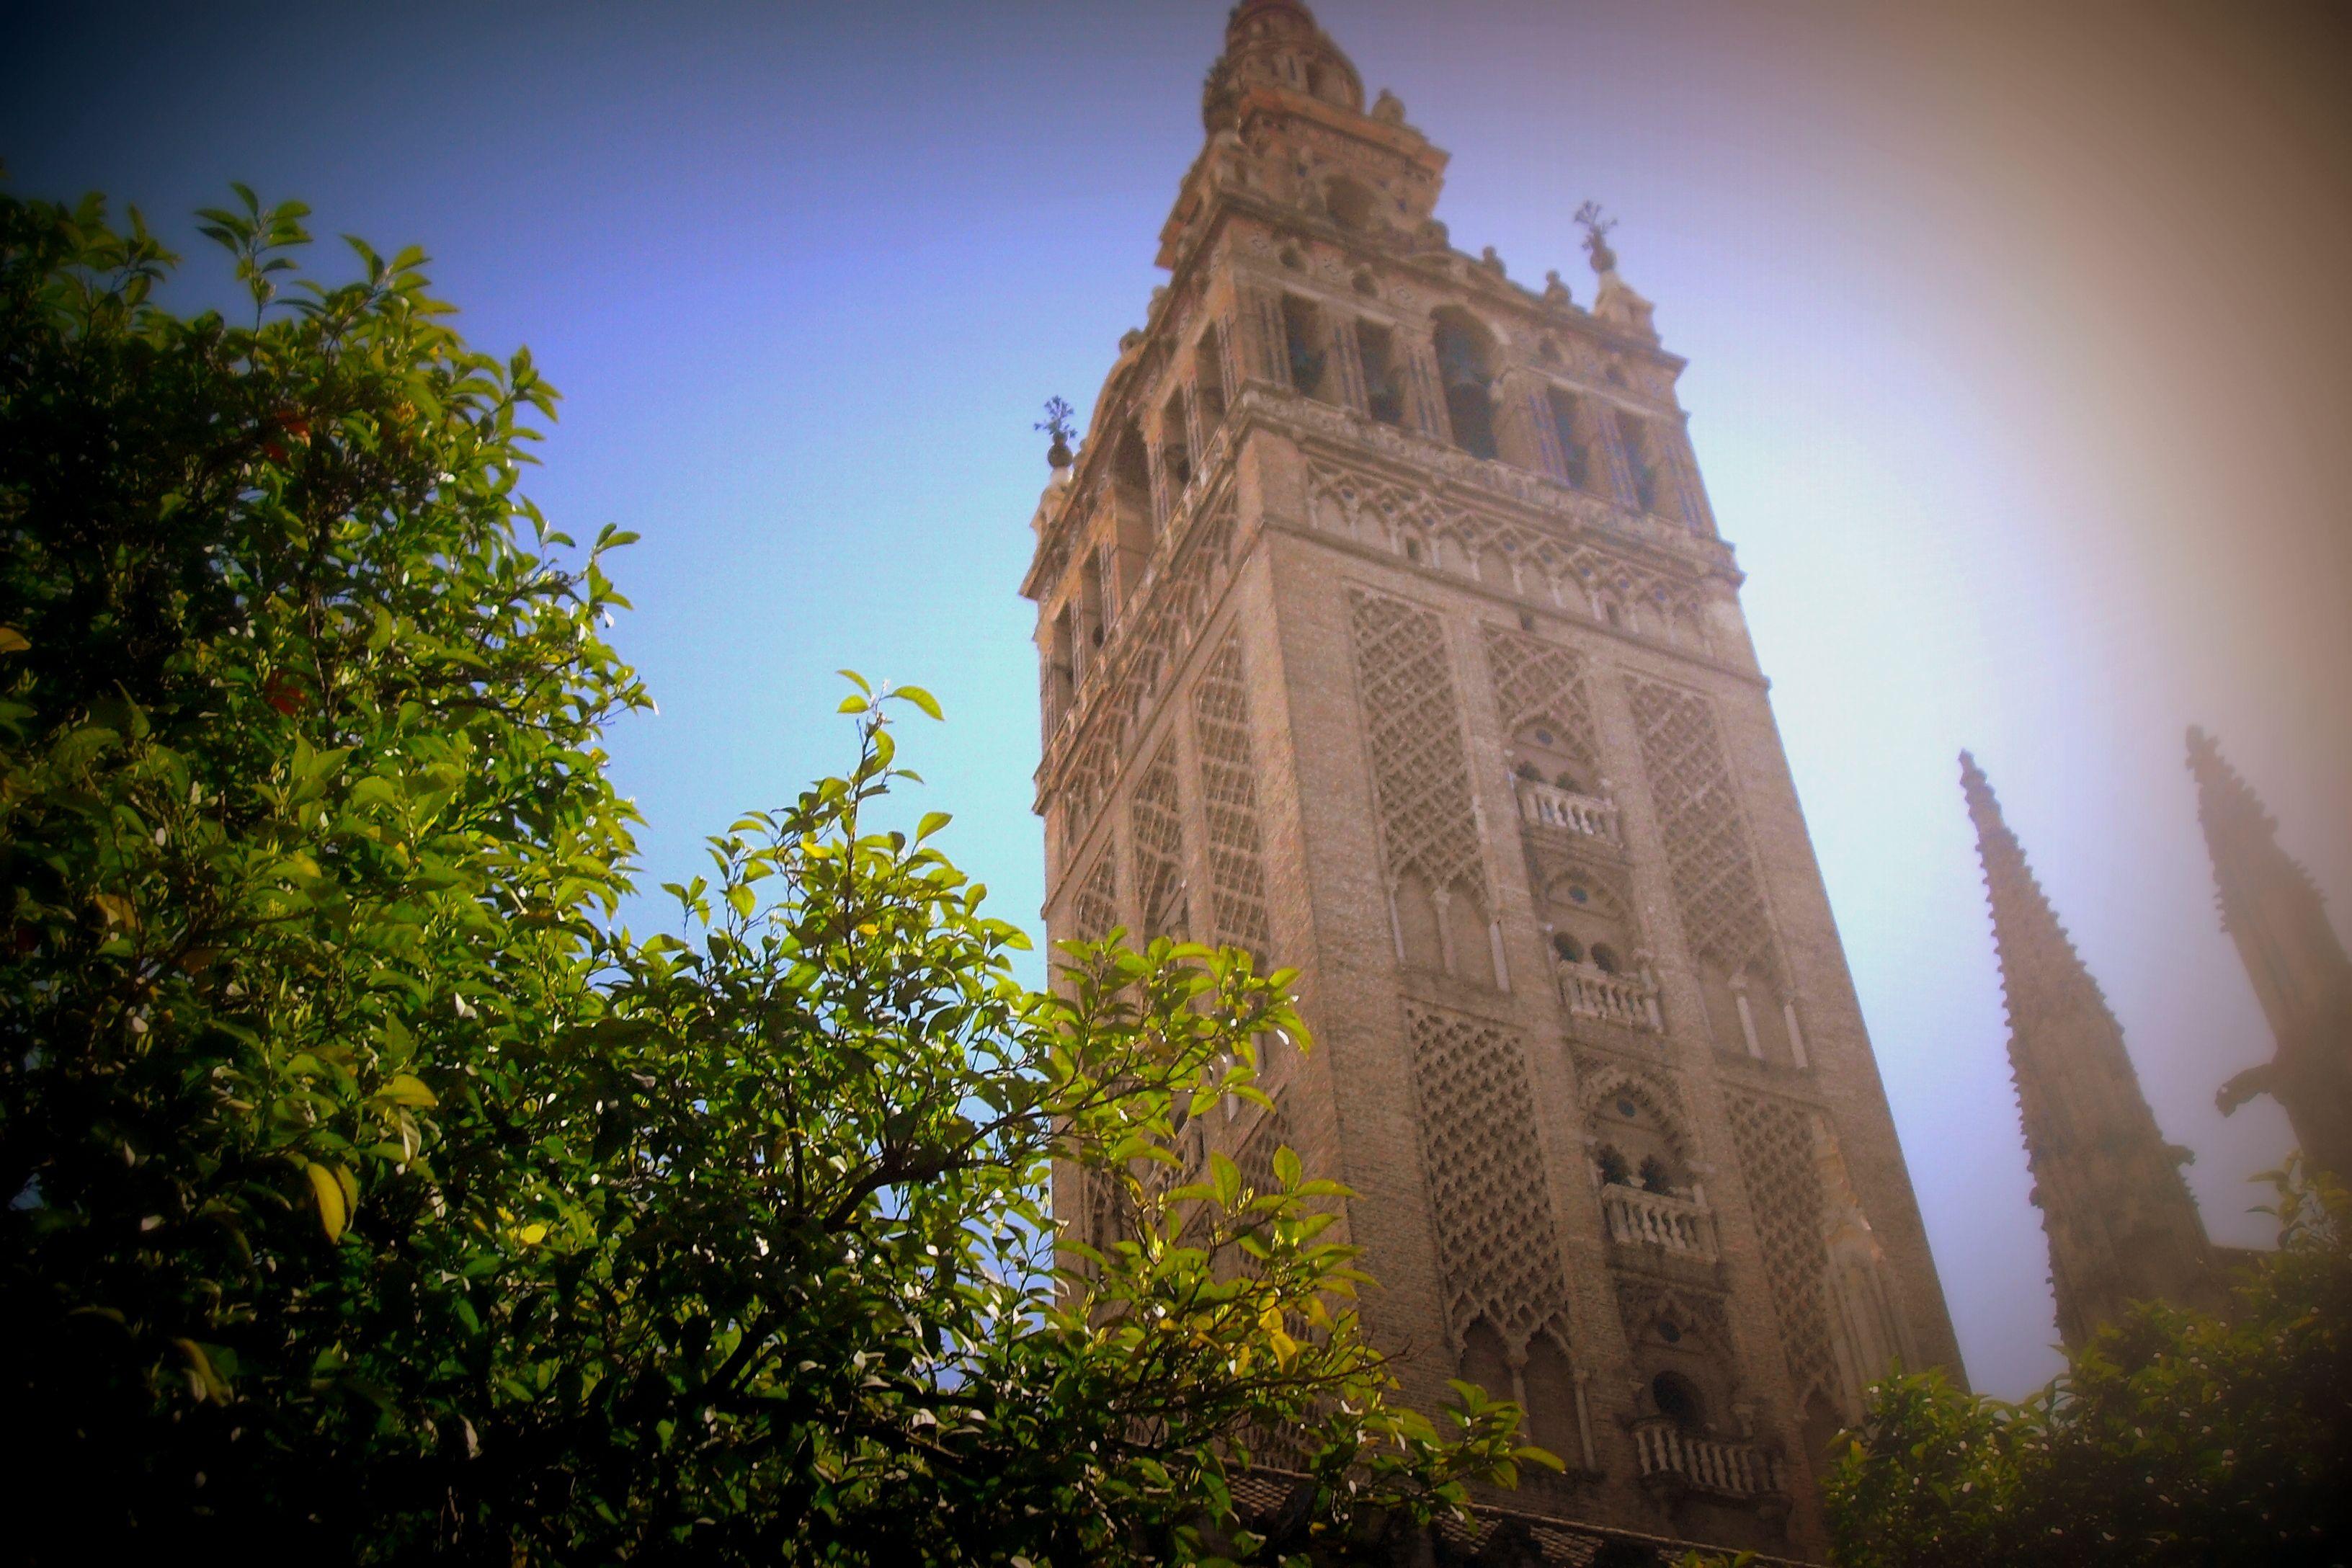 The Giralda Tower